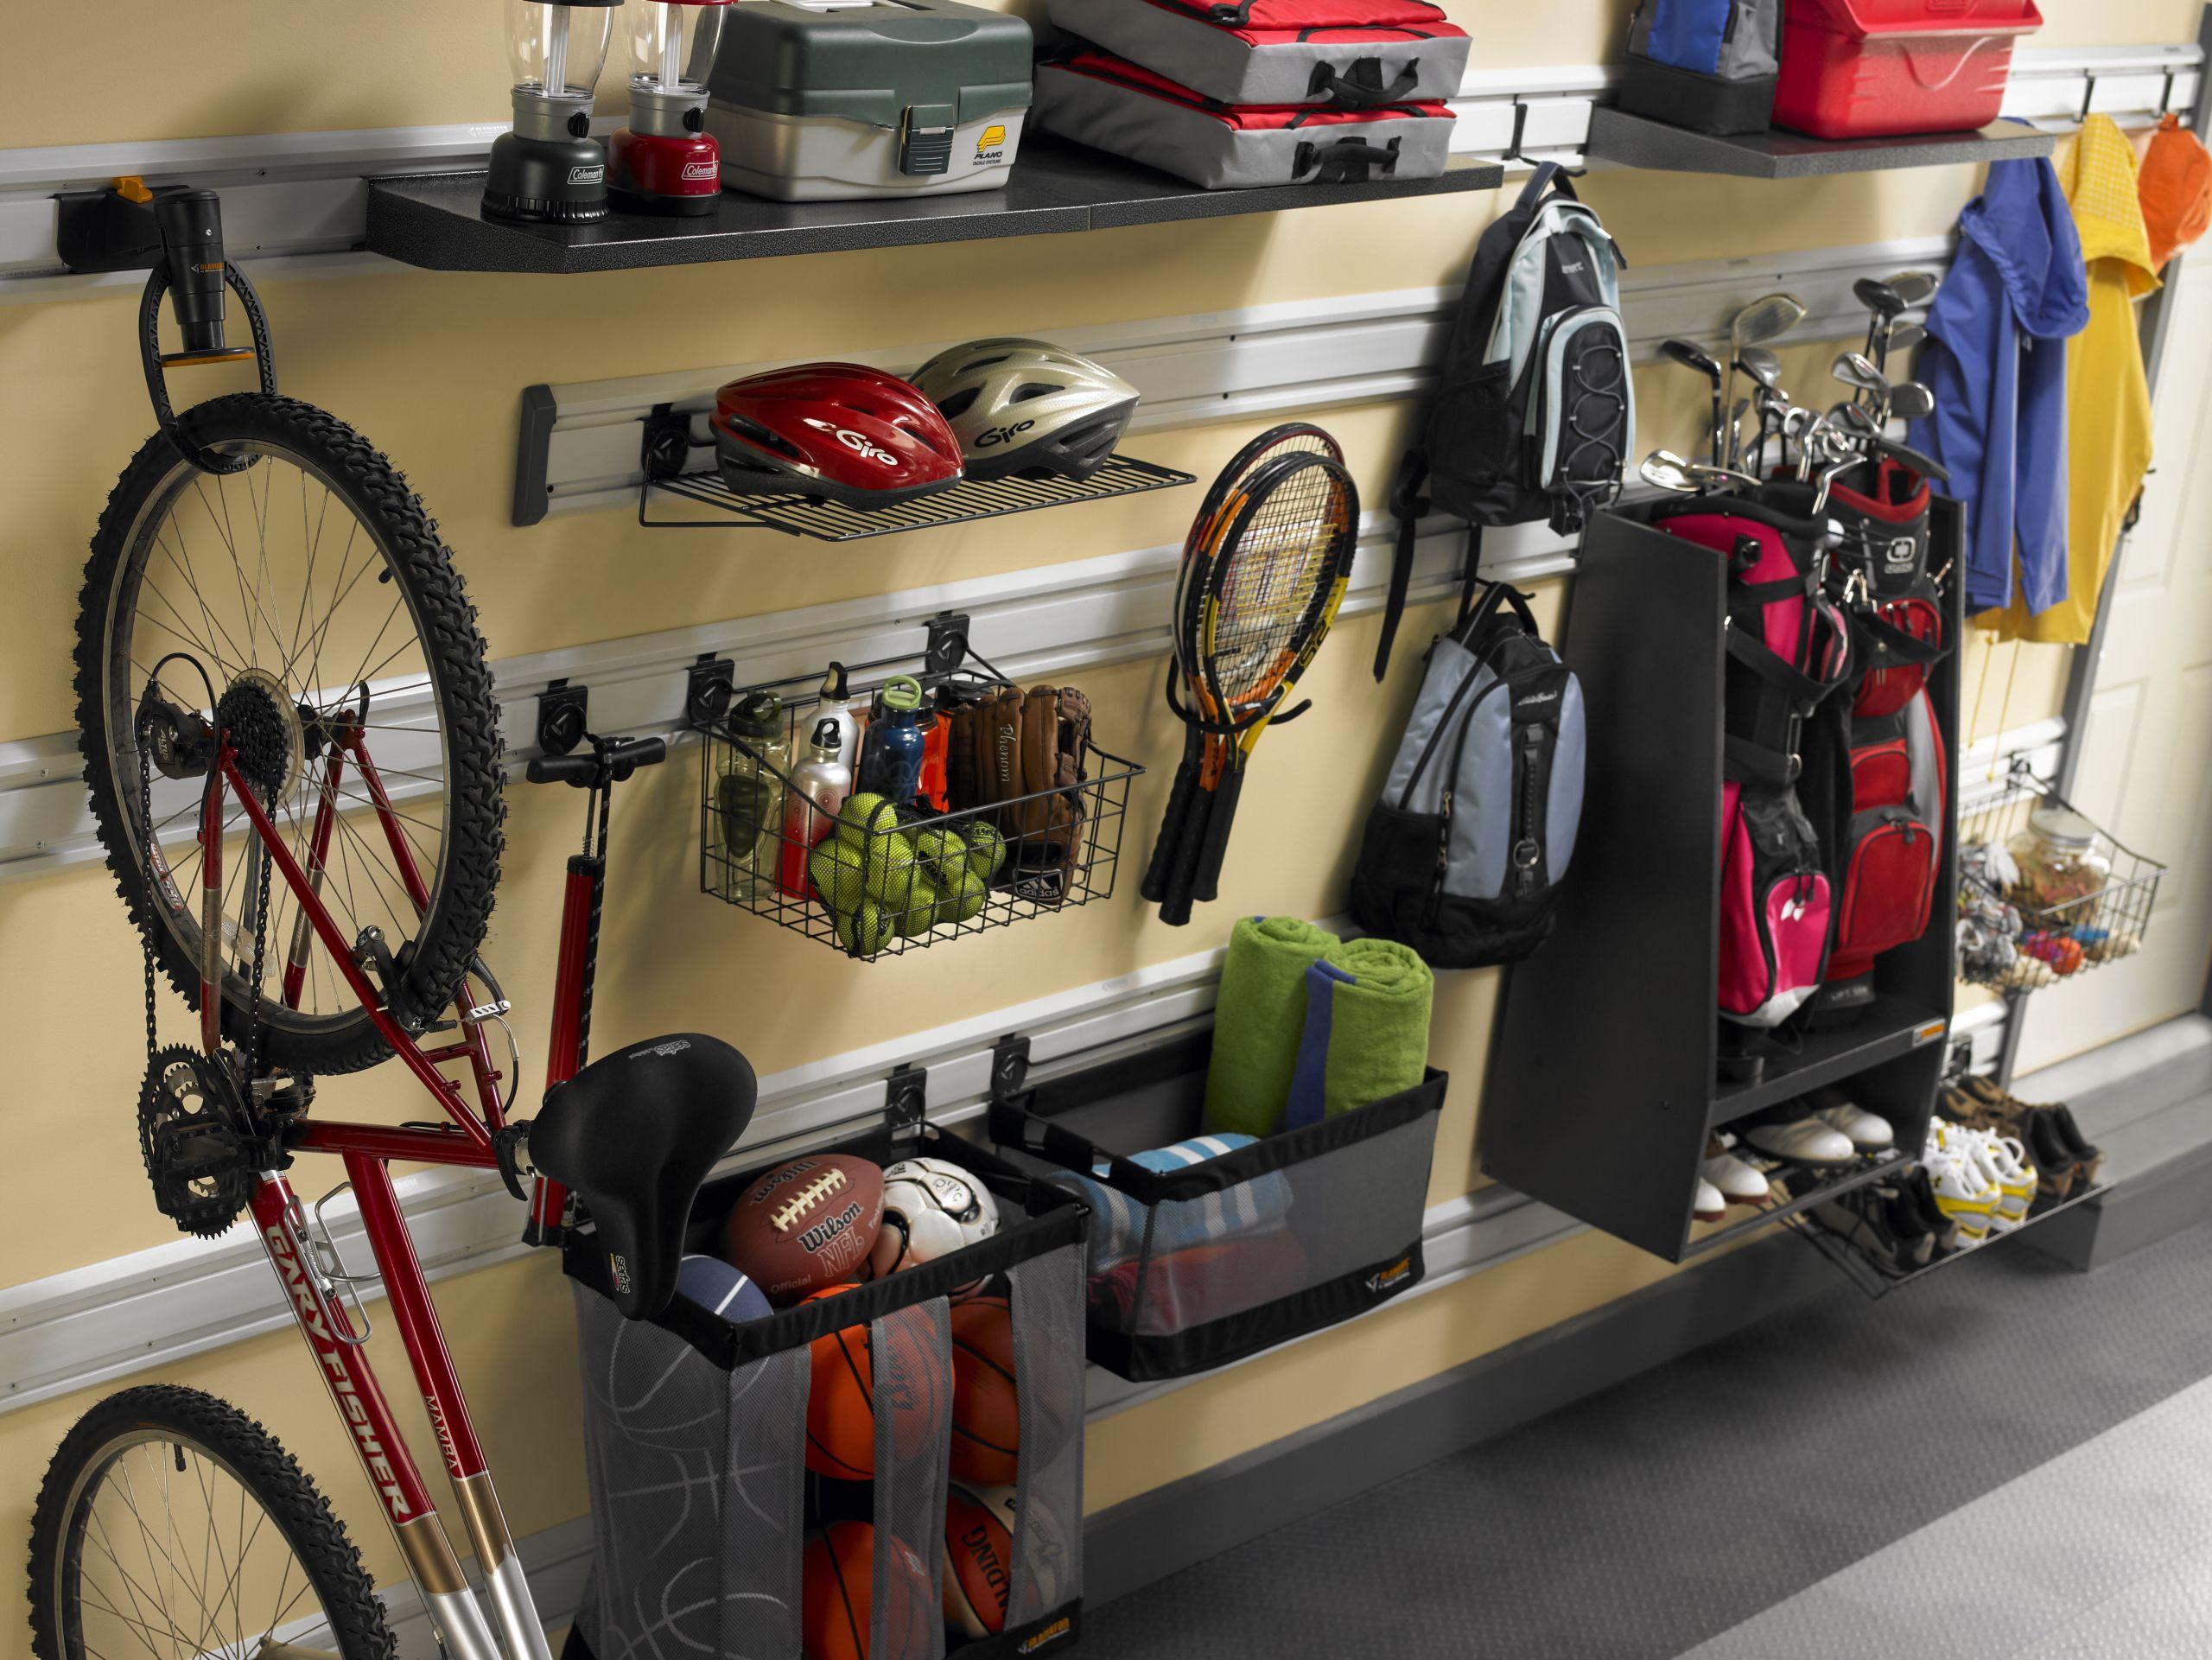 Sports Equipment Organizer For Garage  Orlando Garage Storage